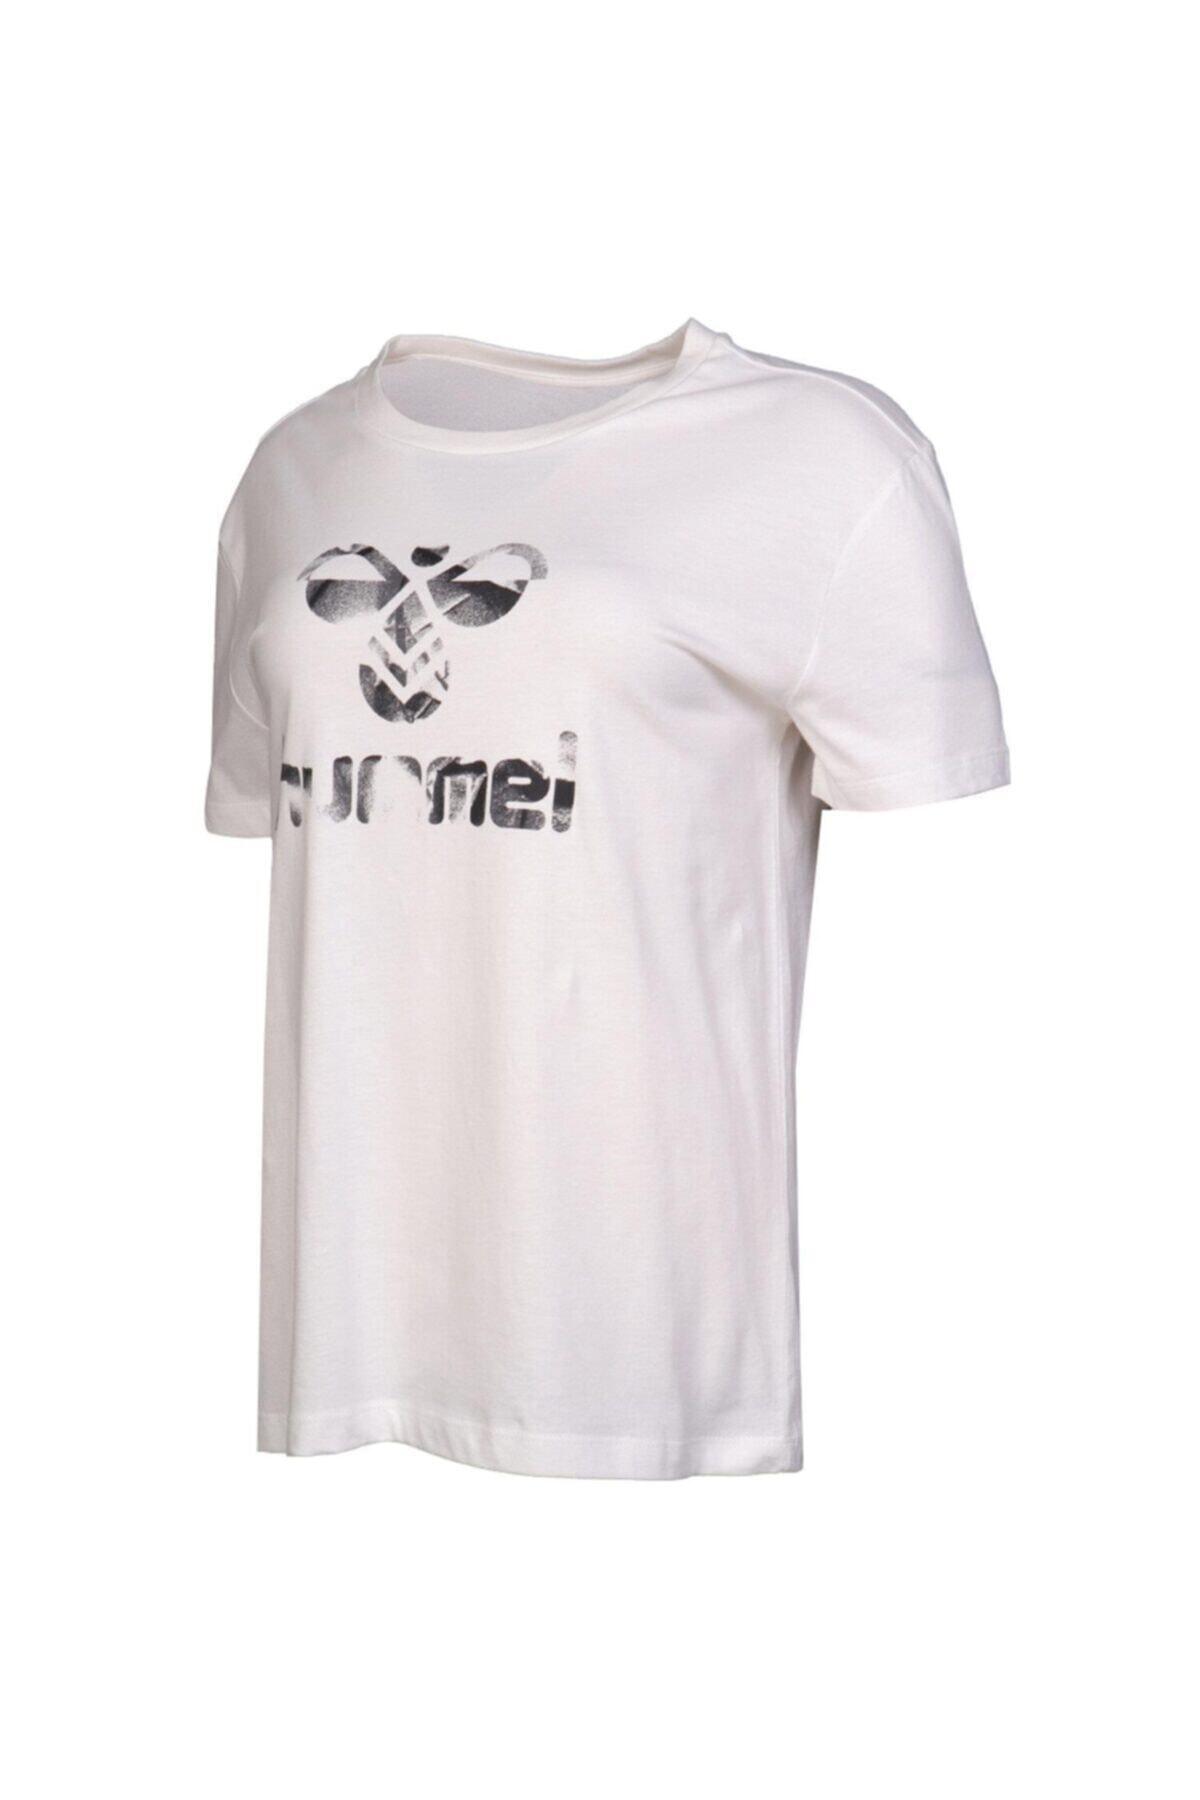 HUMMEL Kadın Beyaz Tişört 911033-9003 1